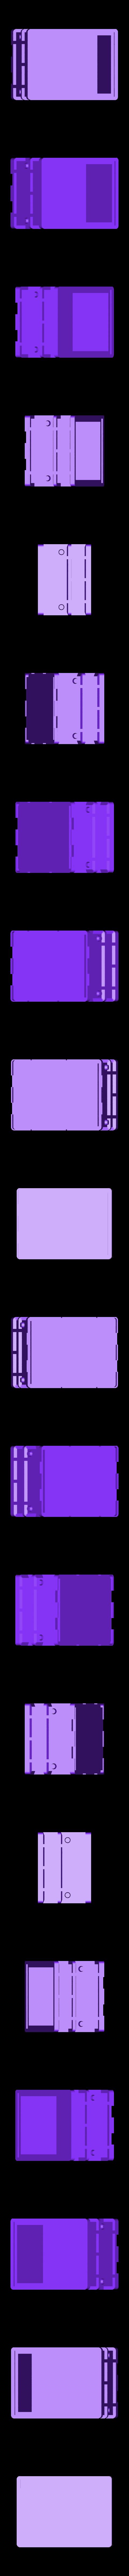 box.stl Download free STL file little box • 3D print object, Raeunn3D